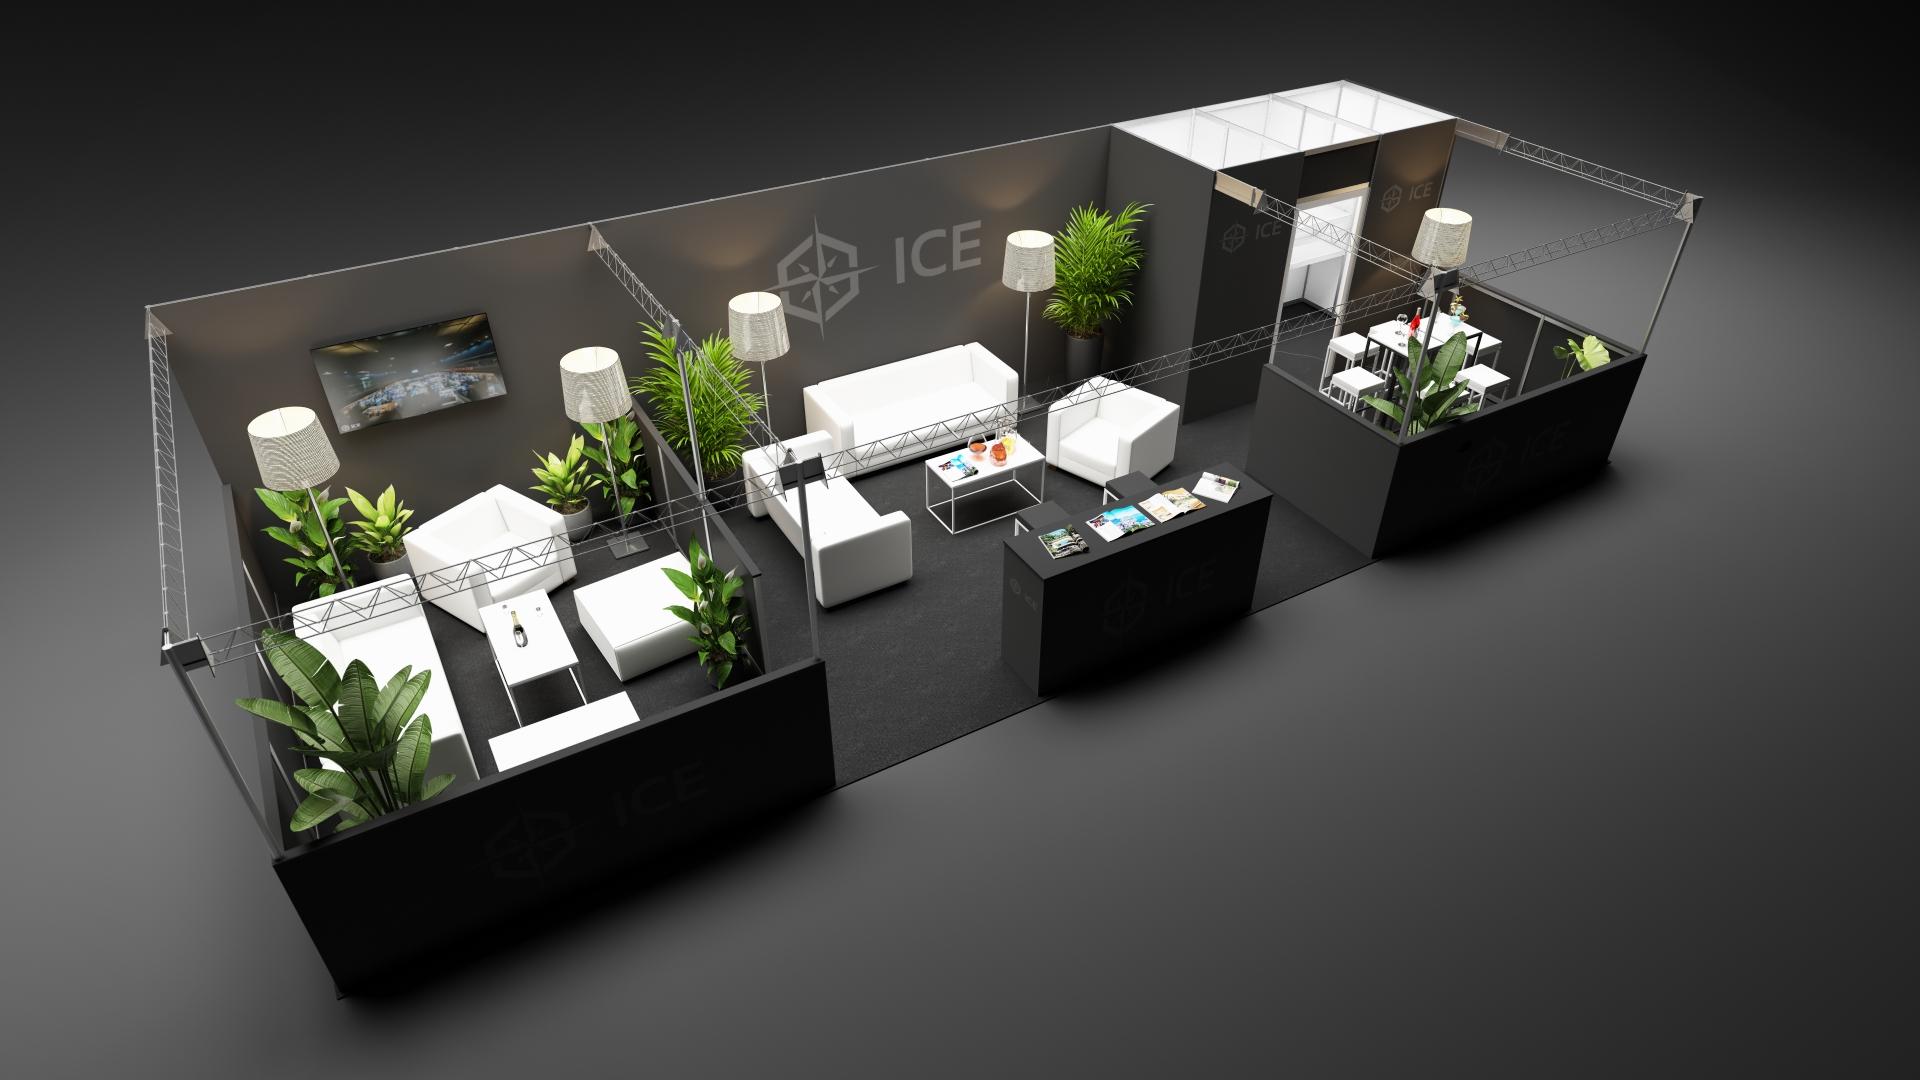 Supplier Premium Booth